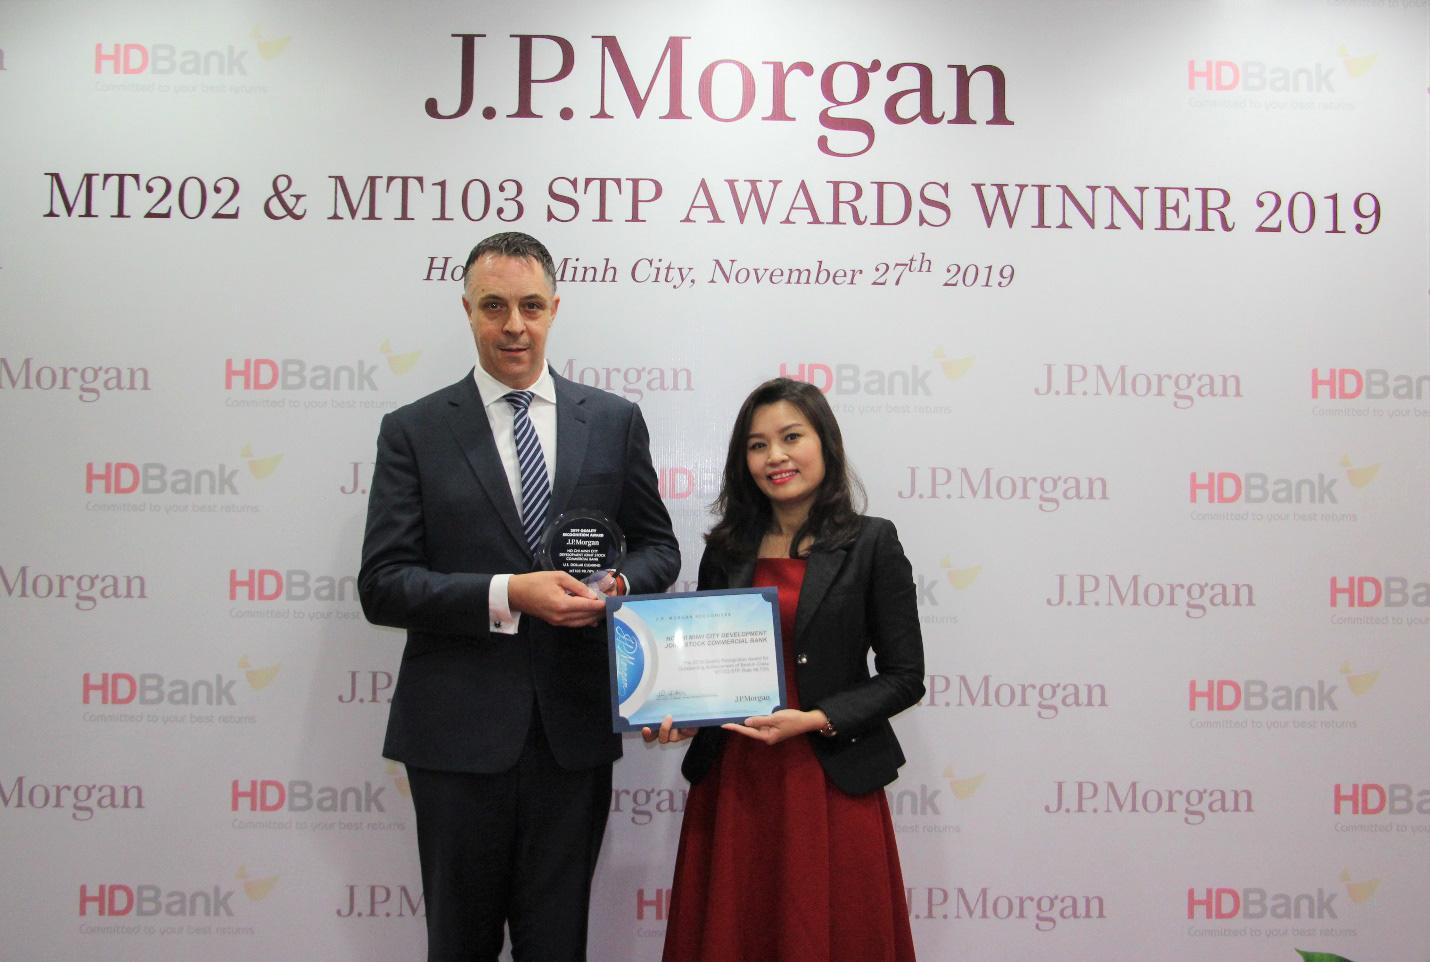 HDBank nhận cú đúp giải thưởng Thanh toán quốc tế xuất sắc toàn cầu năm 2019 - Ảnh 1.